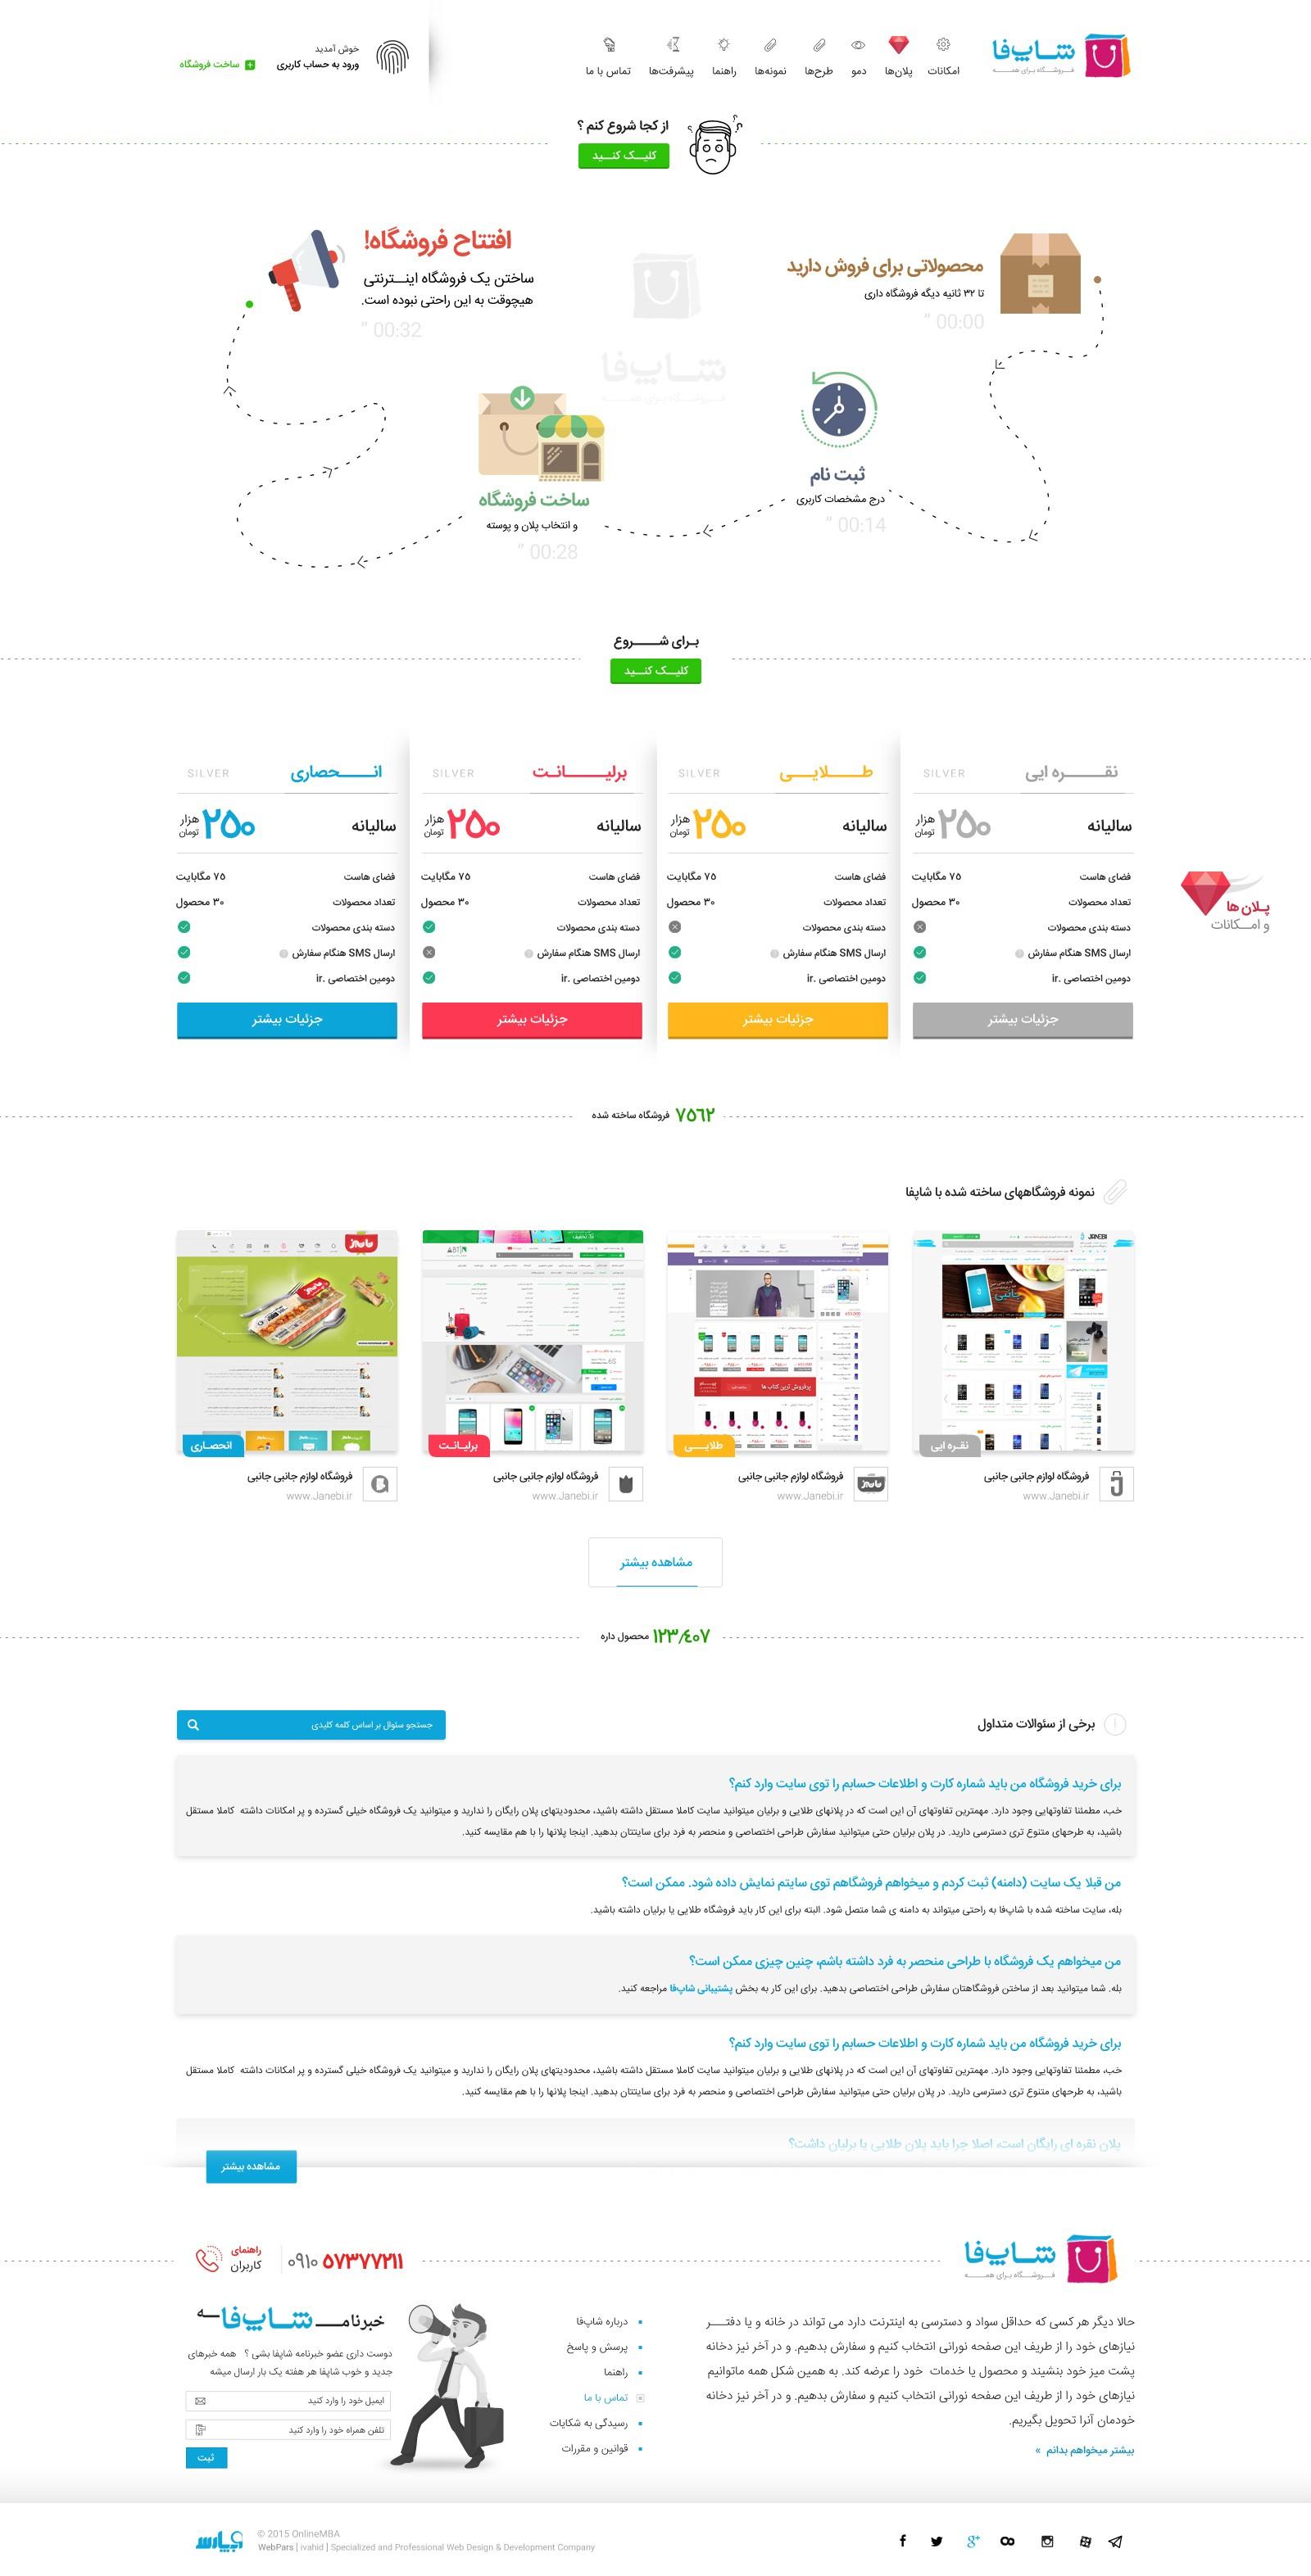 طراحی گرافیک فروشگاه ساز آنلاین شاپفا